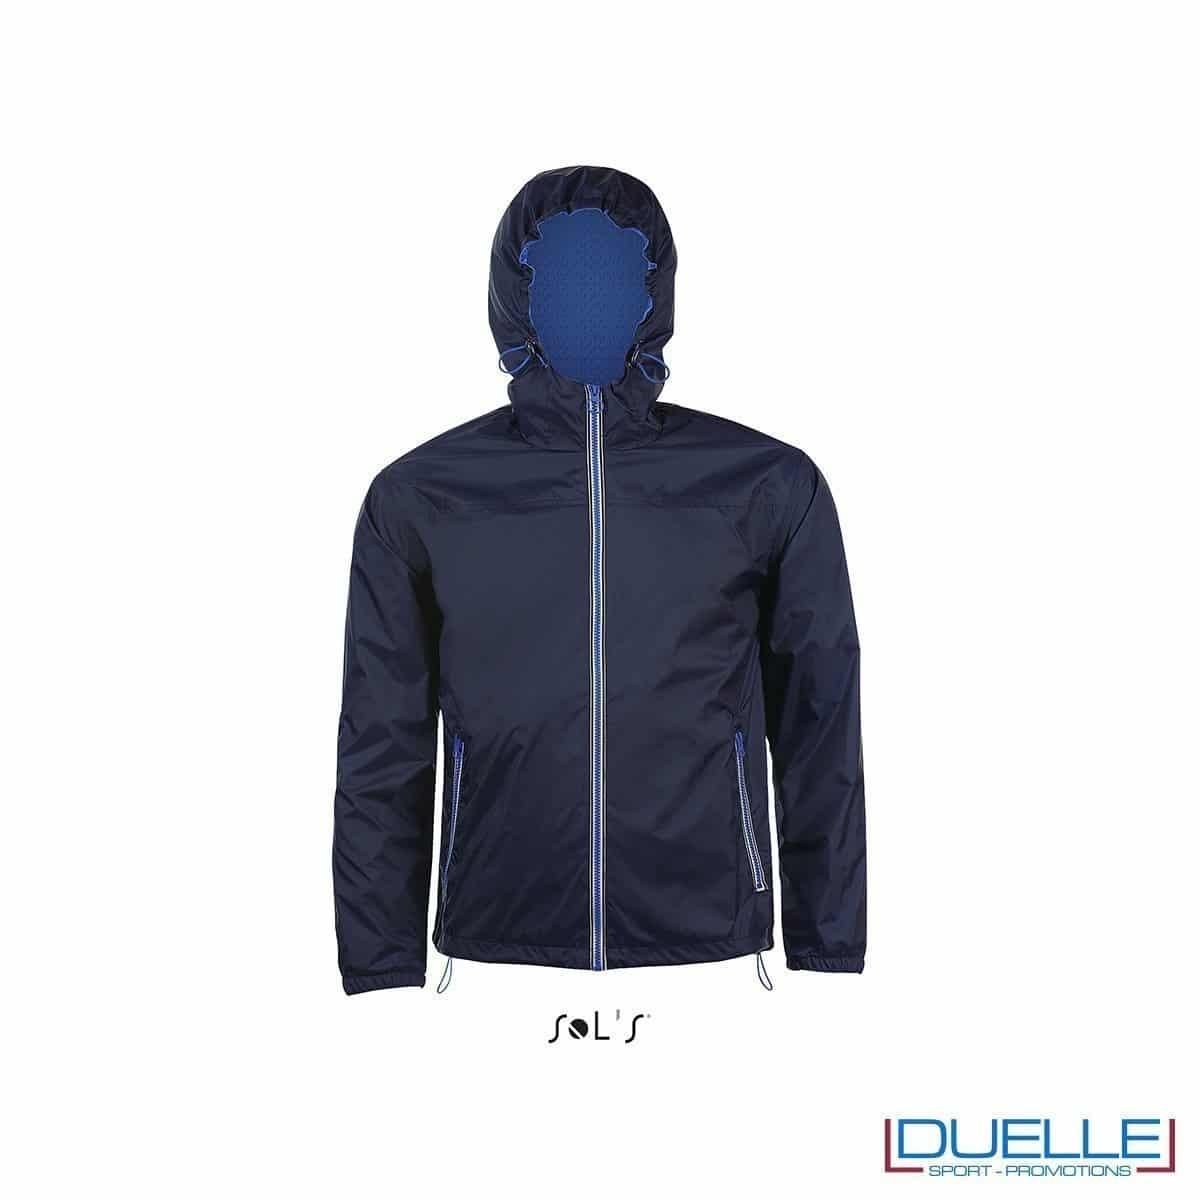 giacca antivento personalizzata colore blu navy con retina interna, kappa way personalizzati, k-way personalizzati